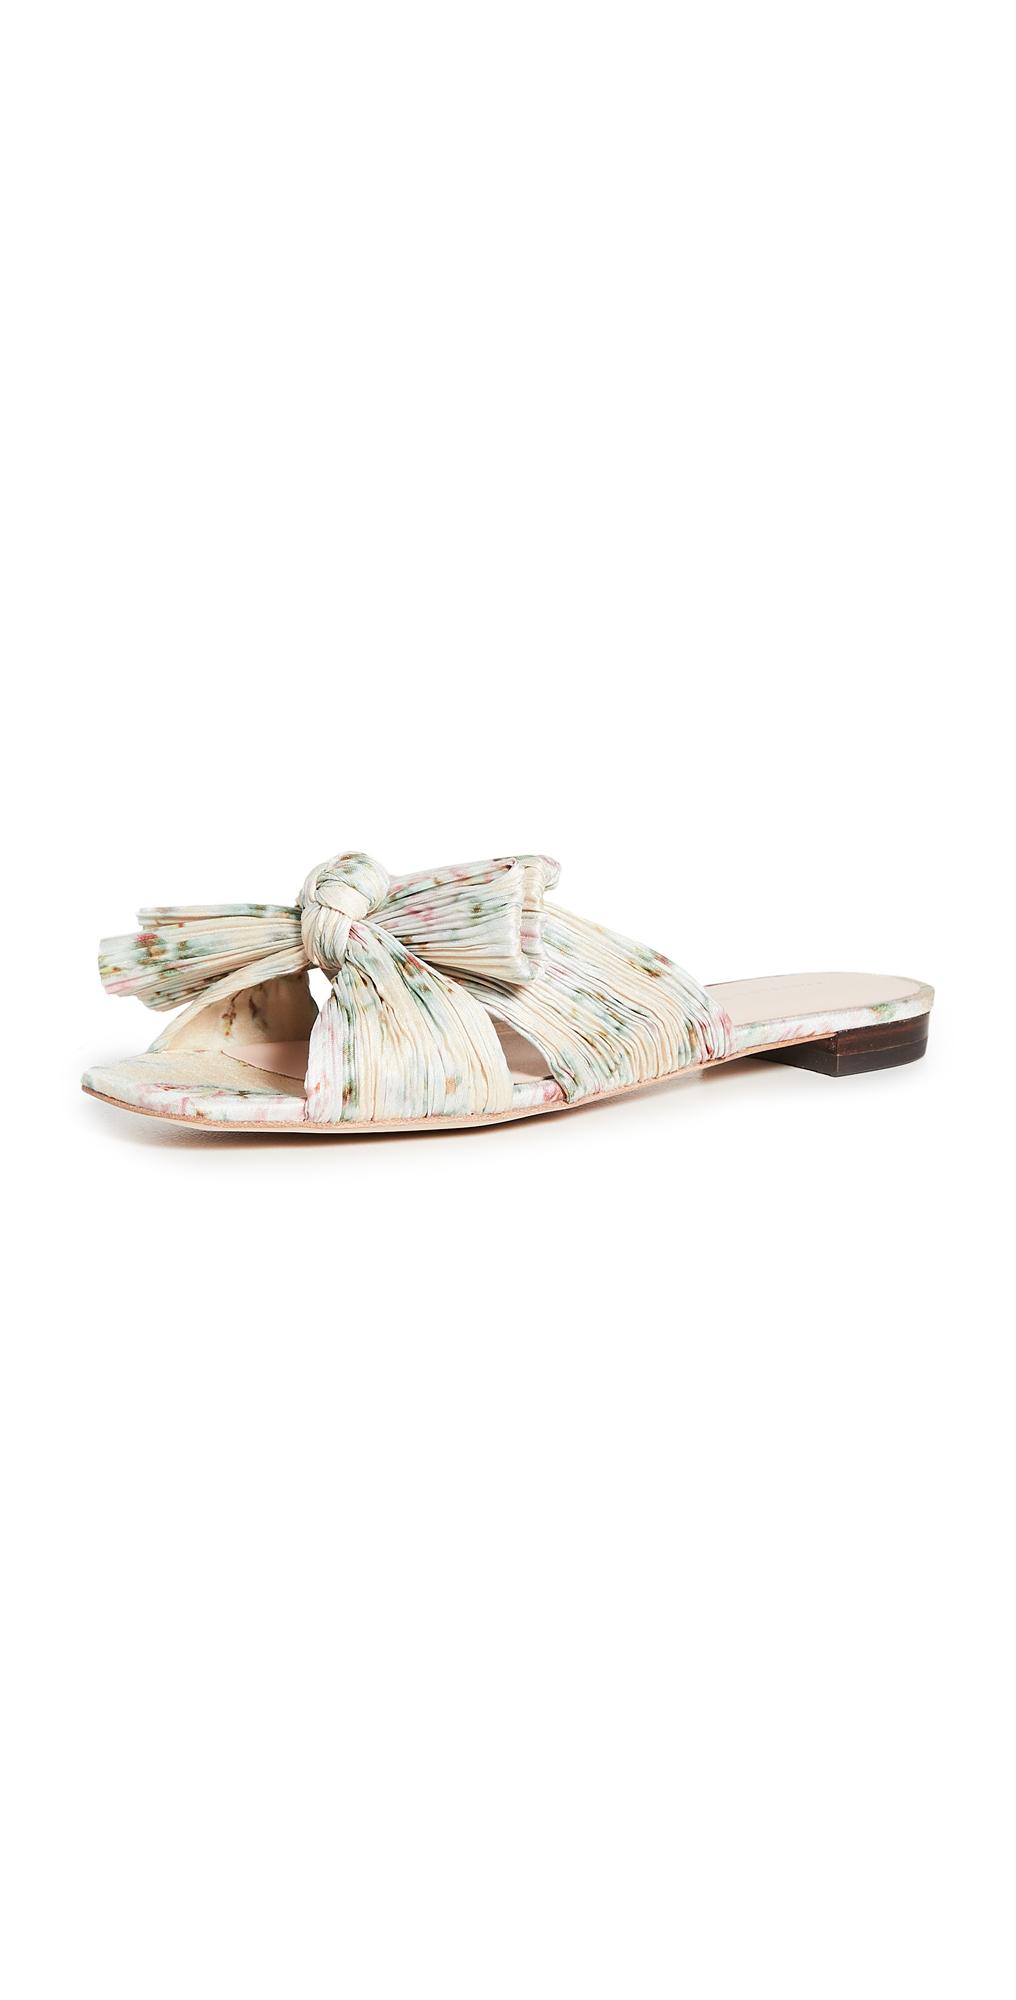 Loeffler Randall Daphne Flat Sandals